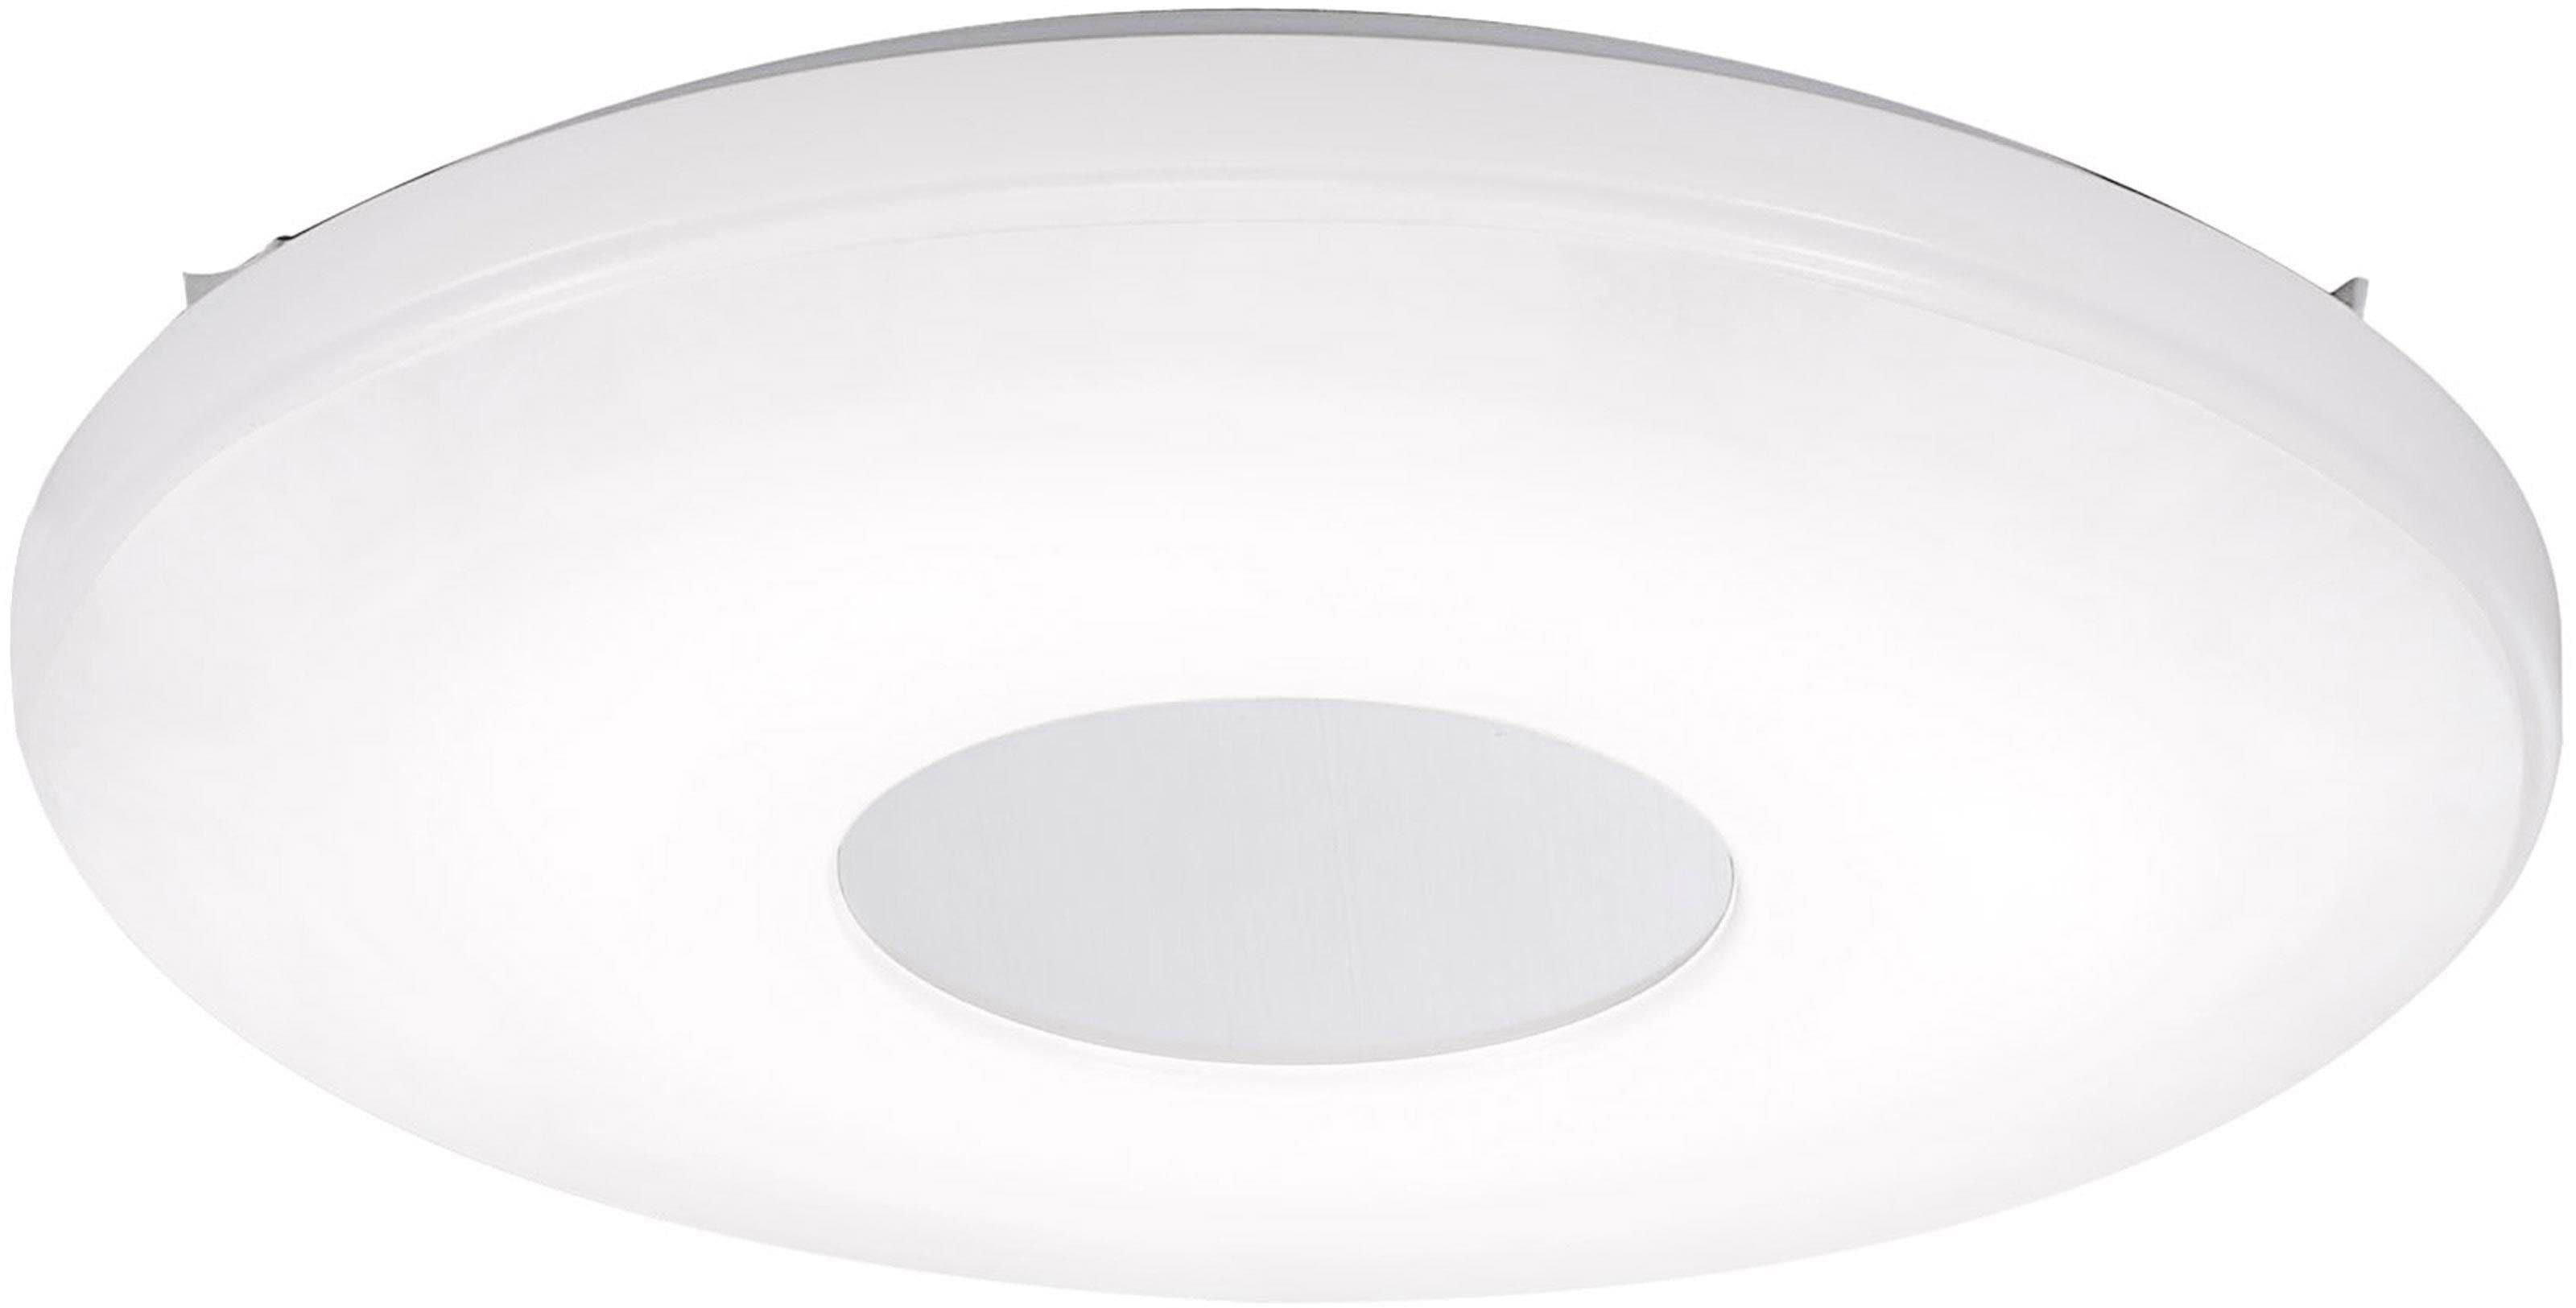 Leuchten Direkt Deckenleuchte LAVINIA, LED-Board, Warmweiß-Neutralweiß-Tageslichtweiß, CCT Farbtemperaturregelung (verstellbar von 2700-5000K) Dimmbar über Fernbedienung Memory nach Trennung vom Netz, Ø 44 cm